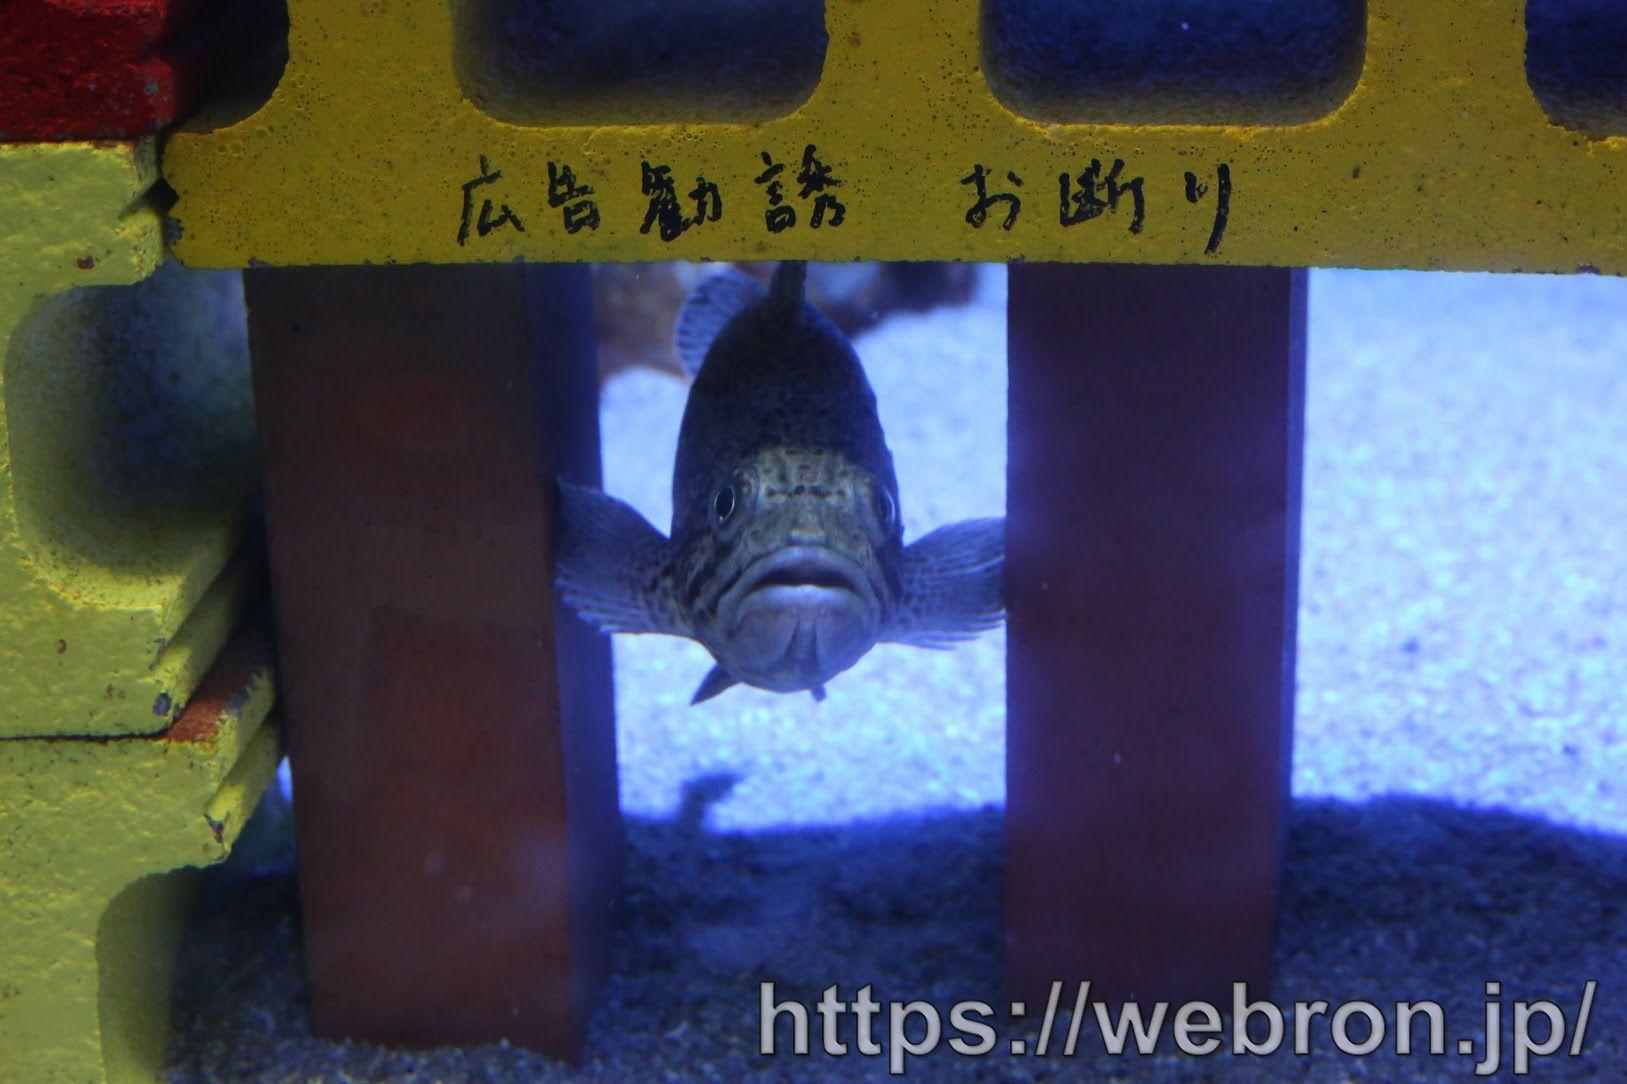 竹島水族館は魚の紹介文が面白いので結構オススメって話…入場料も安いし軽い気持ちで行くならベター